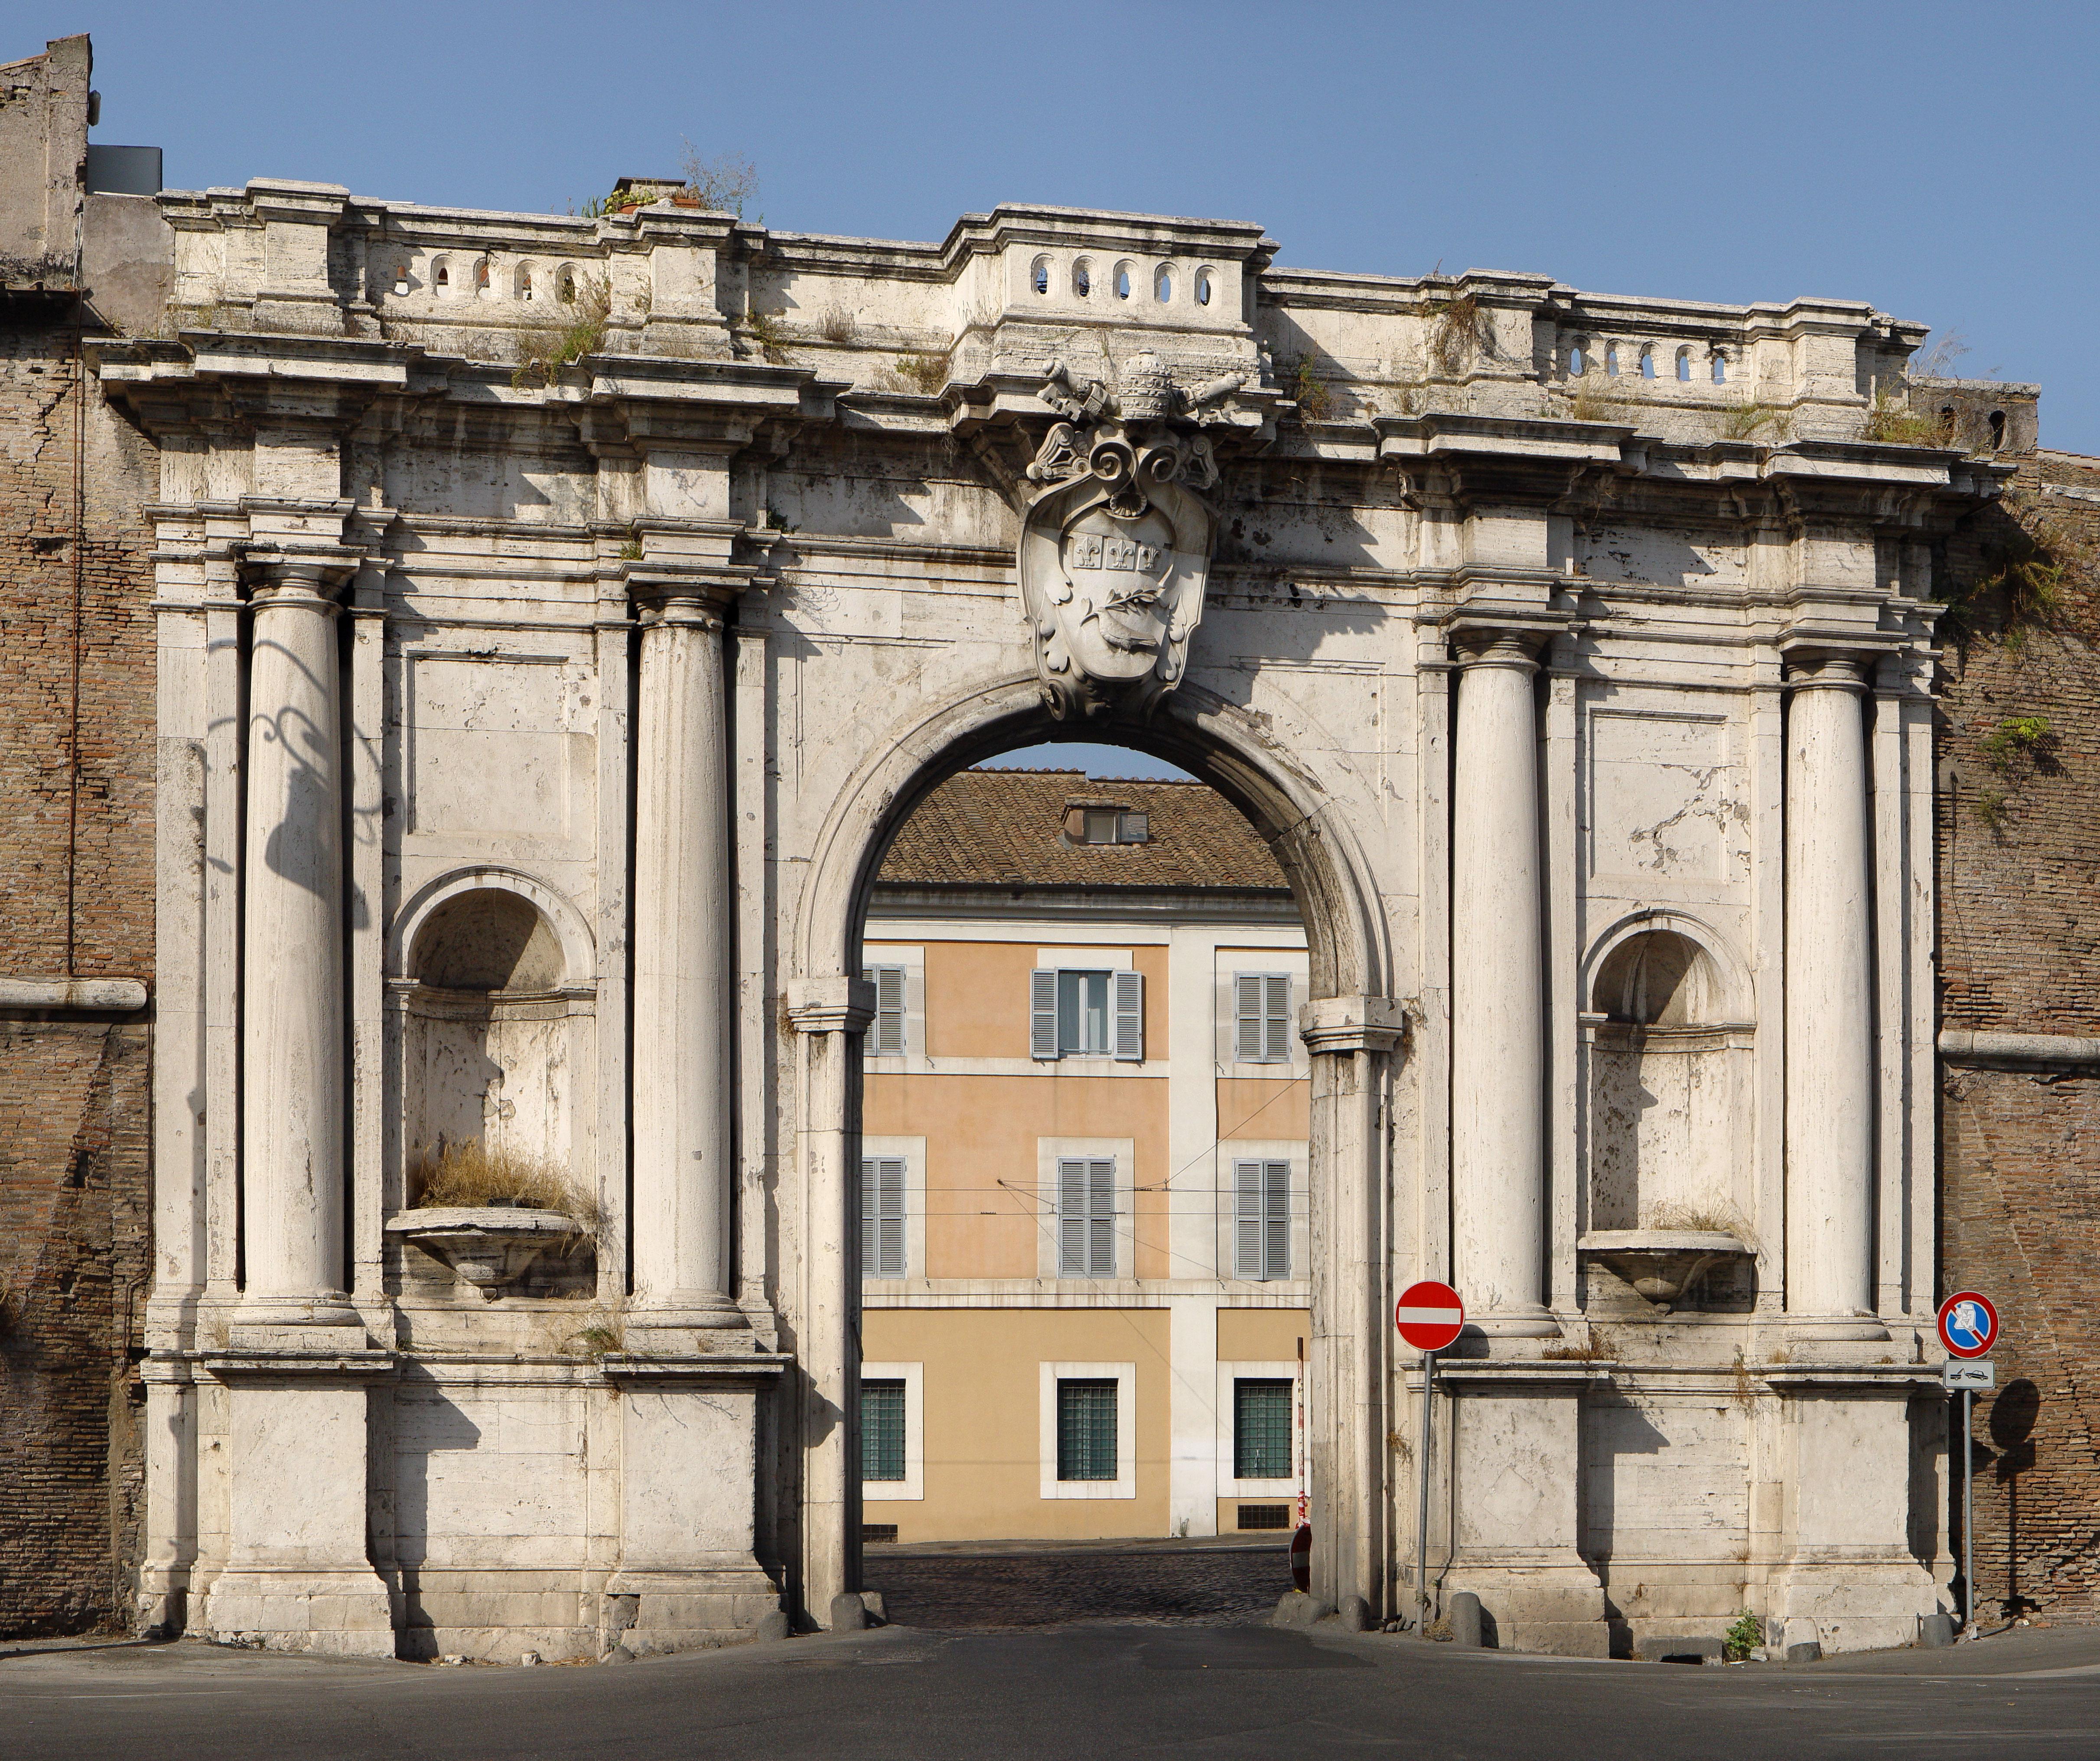 Mura e porte di roma - Porta portese roma case ...